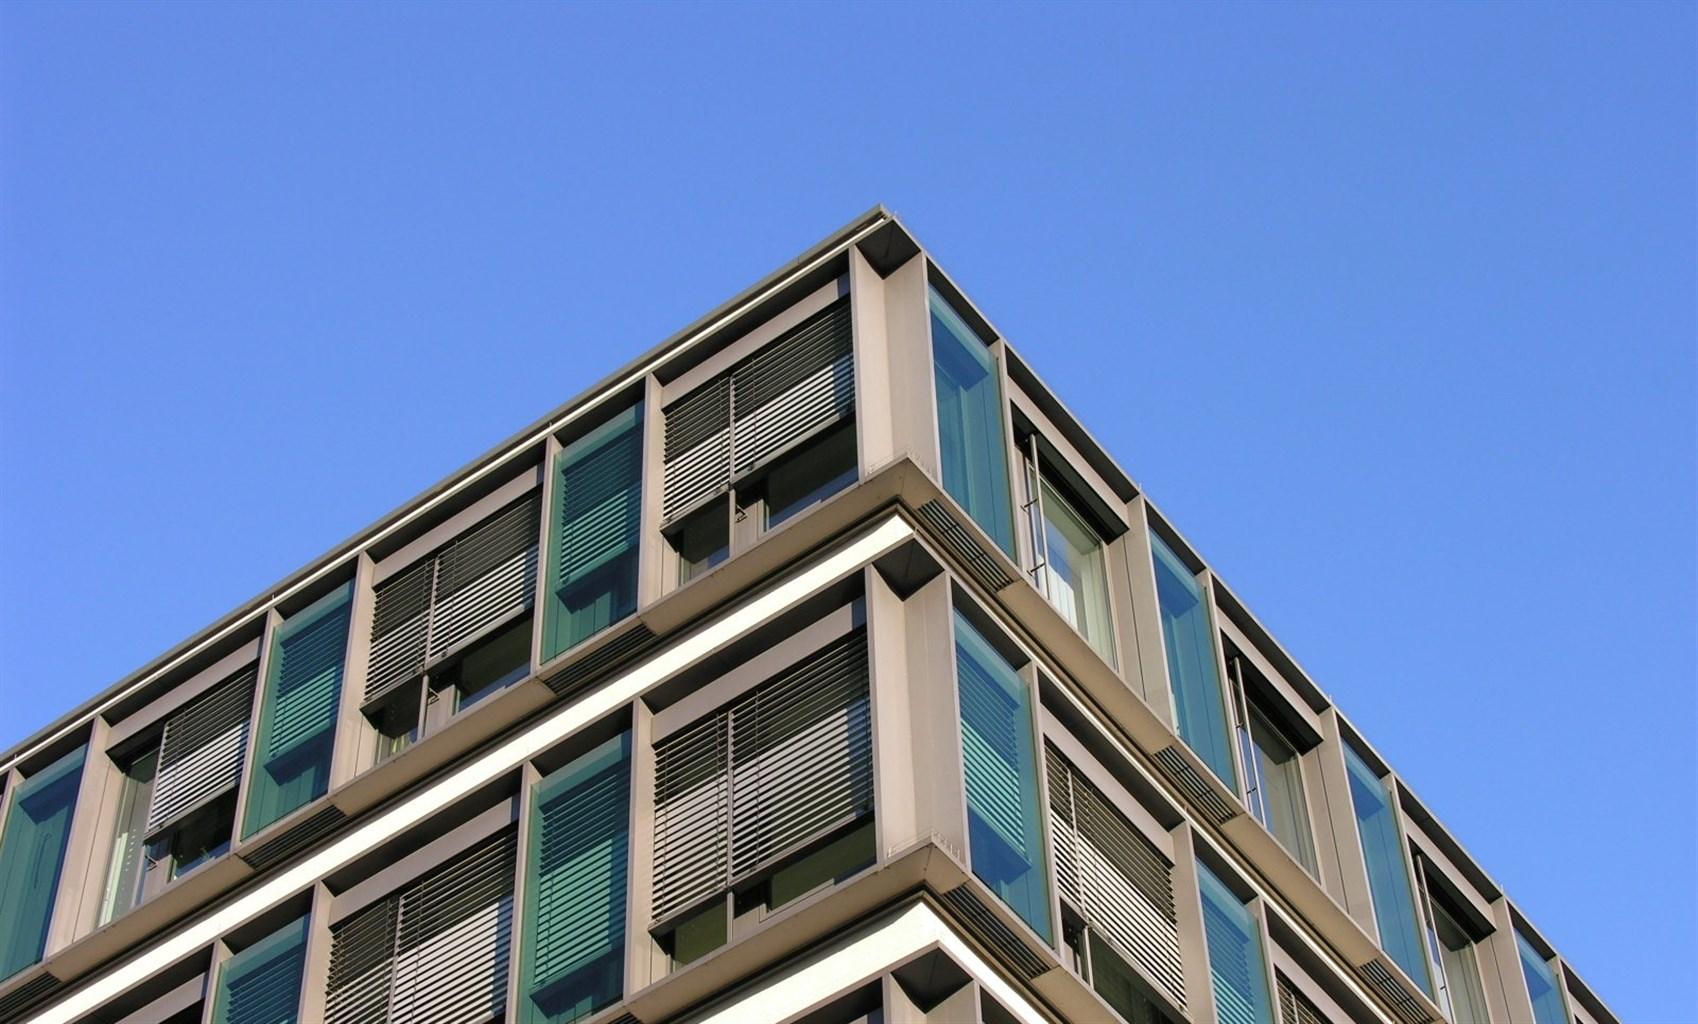 moderne, graue Hausfassade vor blauem Himmer als Hintergrund